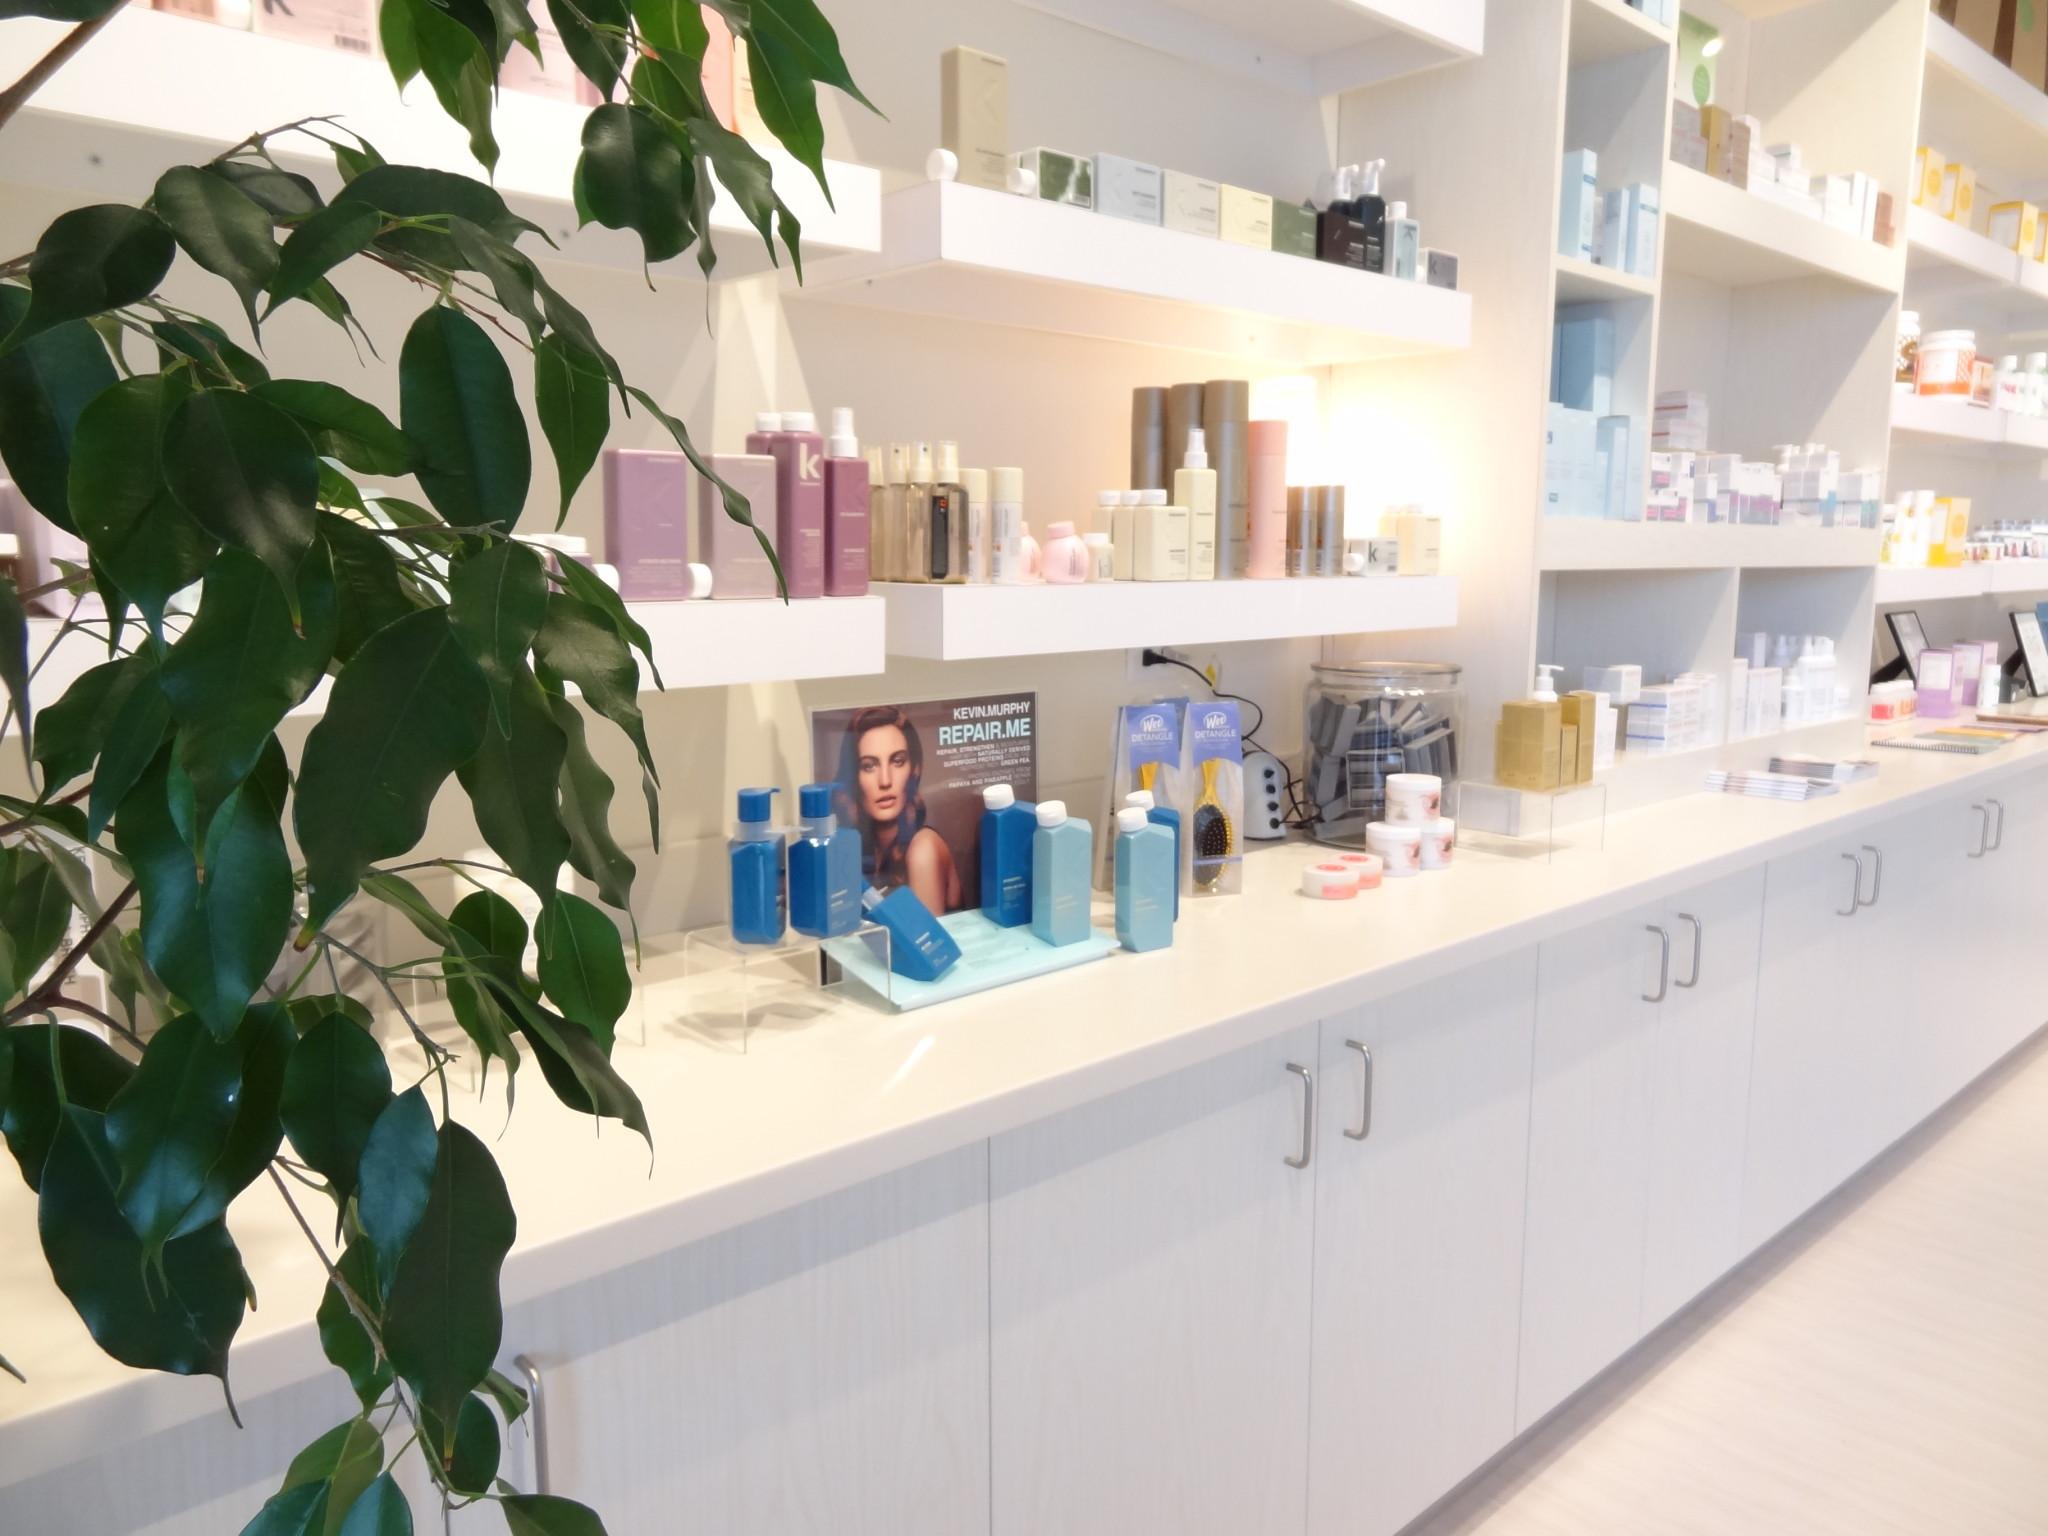 Lowongan Spa Therapist Wanita Polished Spa Dubai